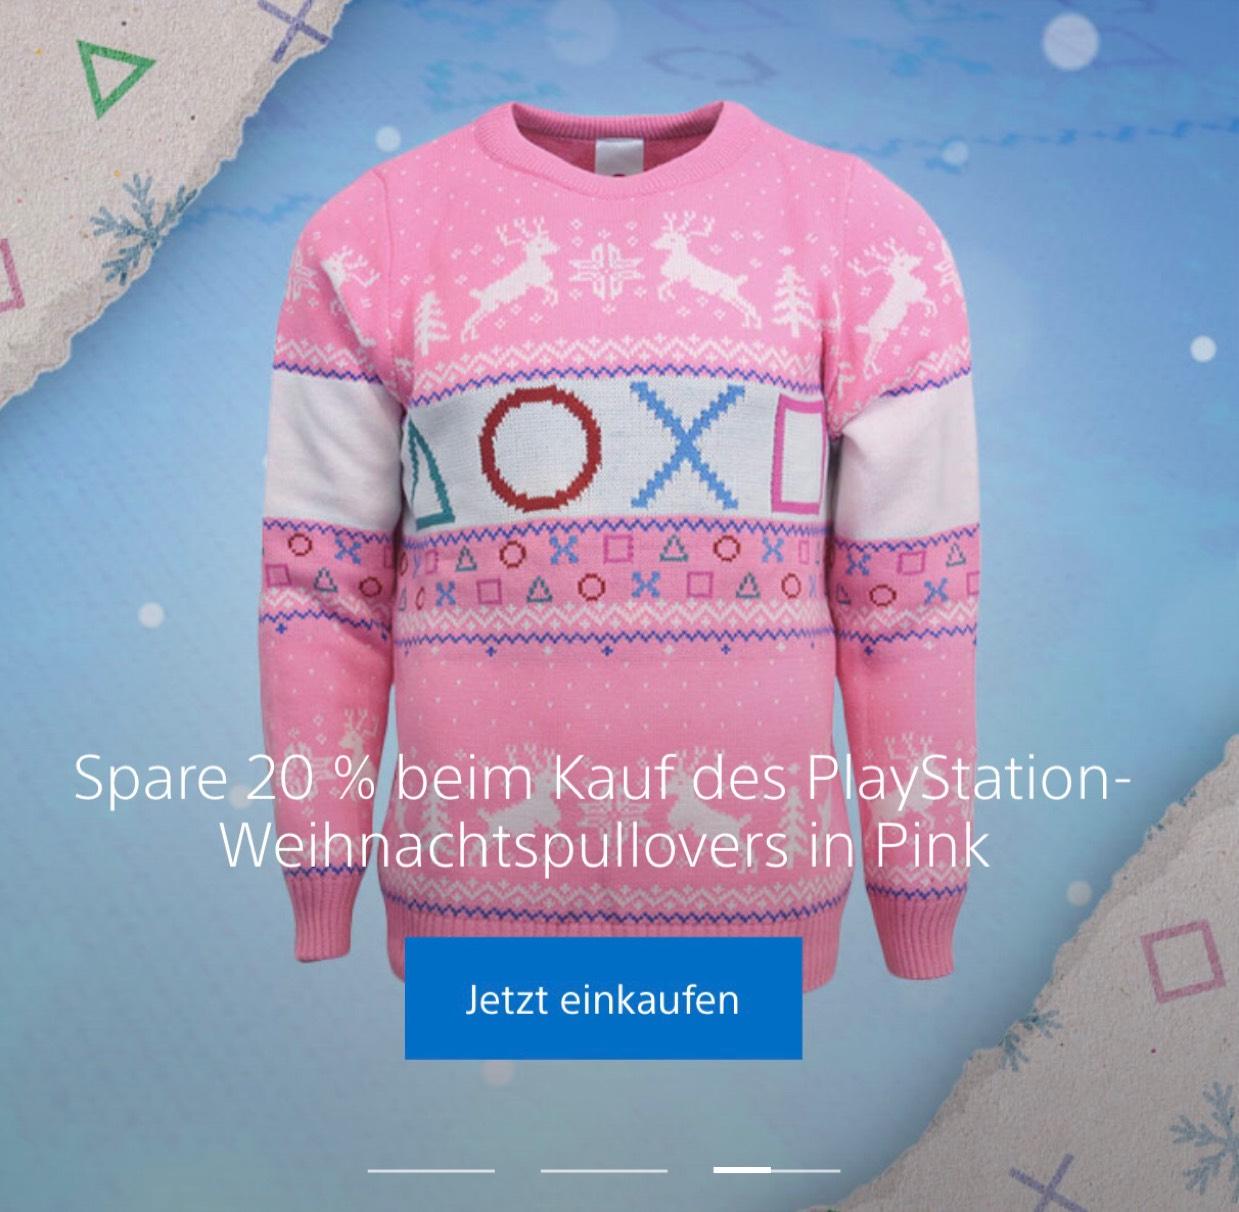 20% auf Weihnachtspullis 50% auf Manschettenknöpfe bei PlayStation Gear